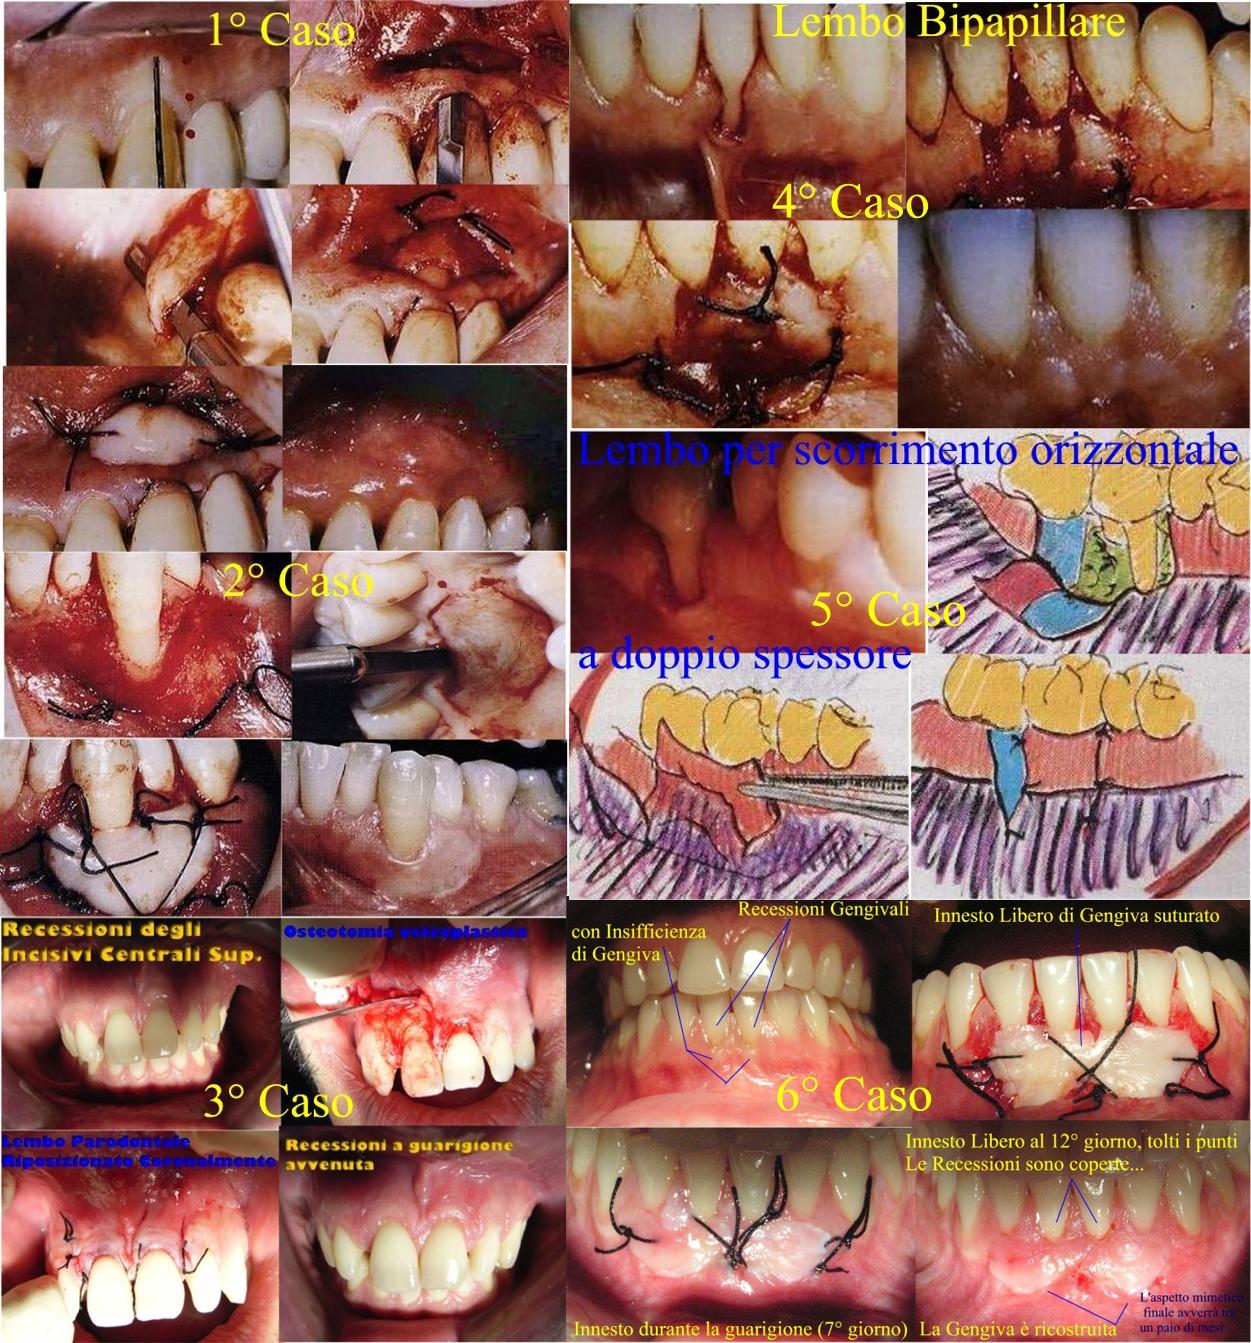 Recessioni Gengivali e loro terapia mucogengivale parodontale chirurgica. Da casistica del Dr. Gustavo Petti Parodontologo di Cagliari